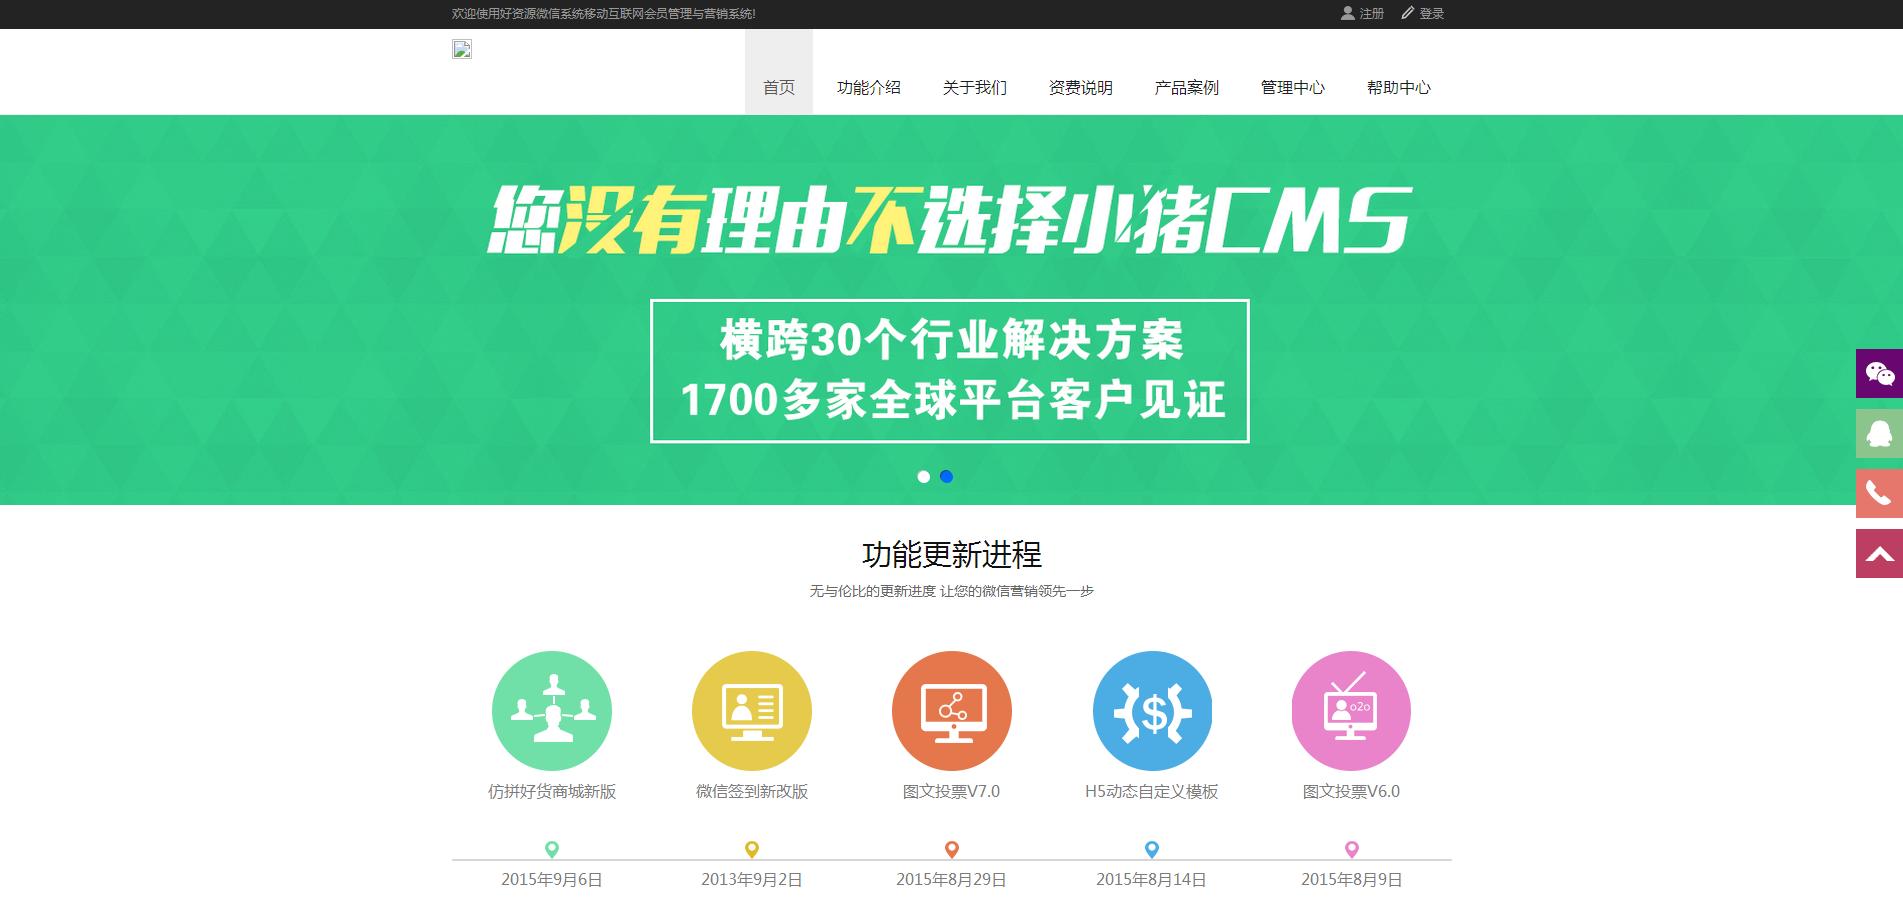 小猪cms(pigcms)微信营销系统V8.52拼好货商城二次开发特别版